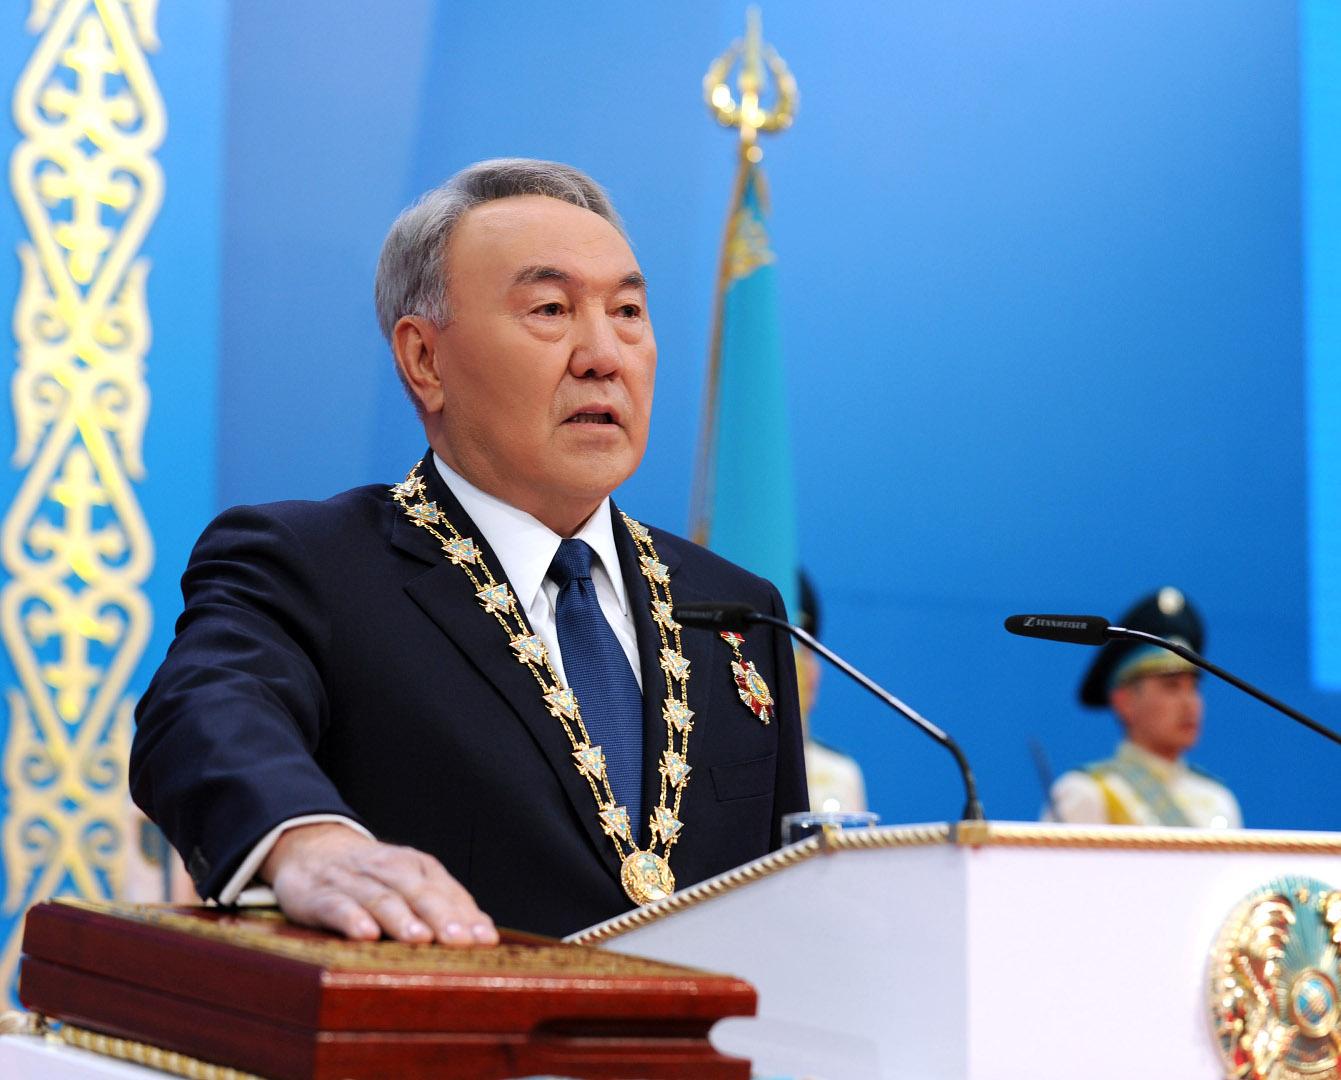 nazarbayevportrait3.jpg